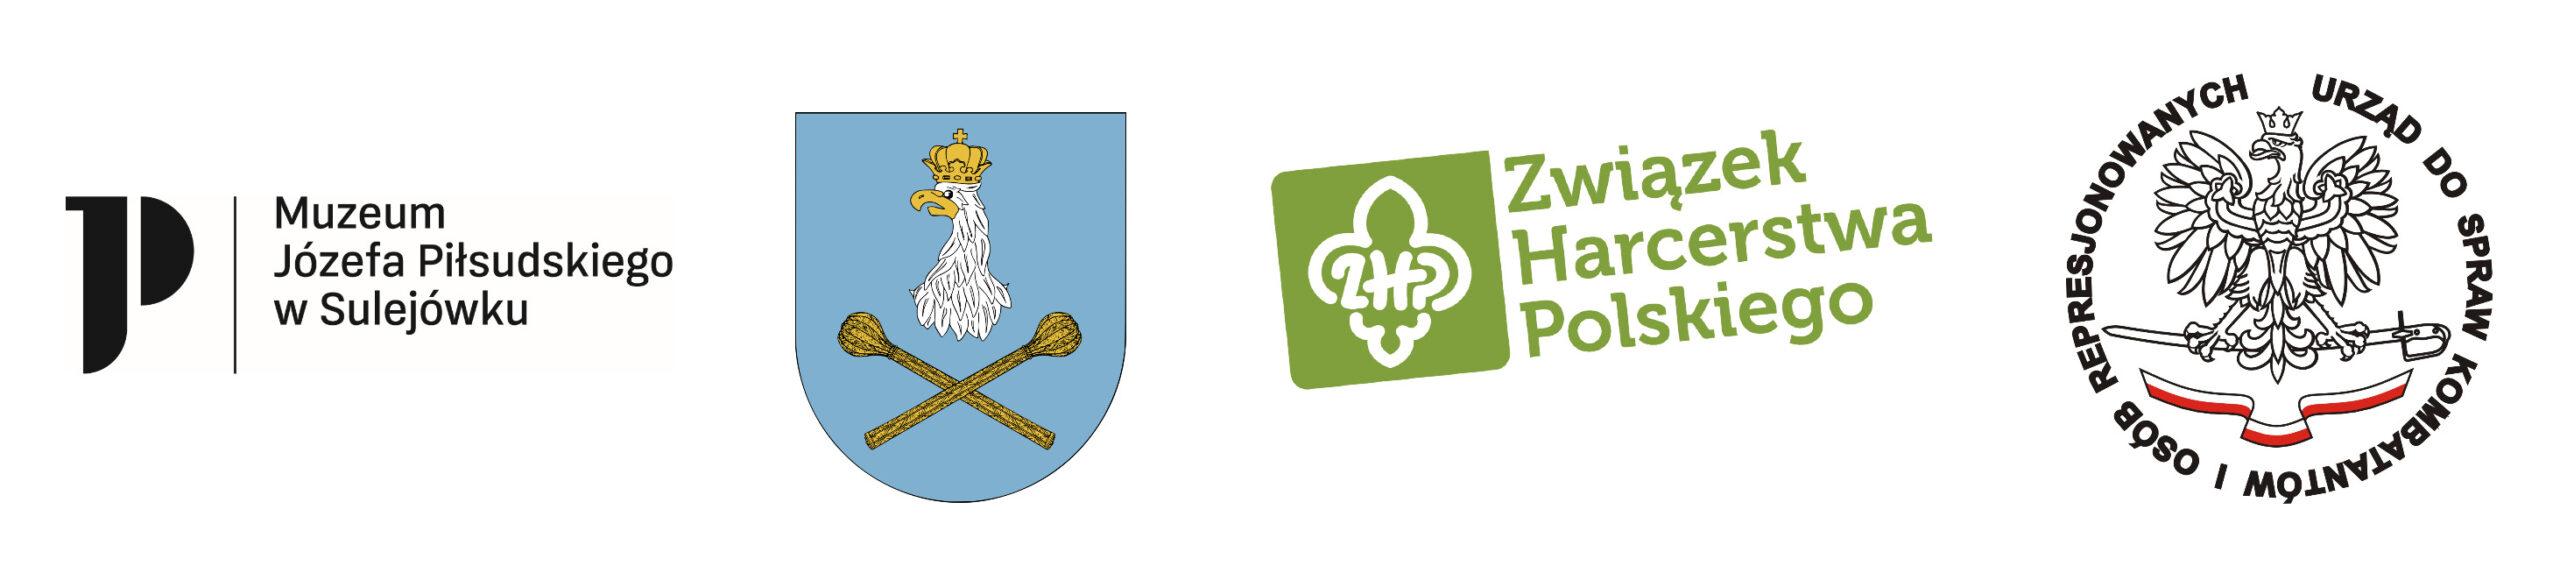 Logotypy: Muzeum Józefa Piłsudskiego w Sulejówku, Sulejówek (herb), Związek Harcerstwa Polskiego, Urząd do spraw kombatantów i osób represjonowanych